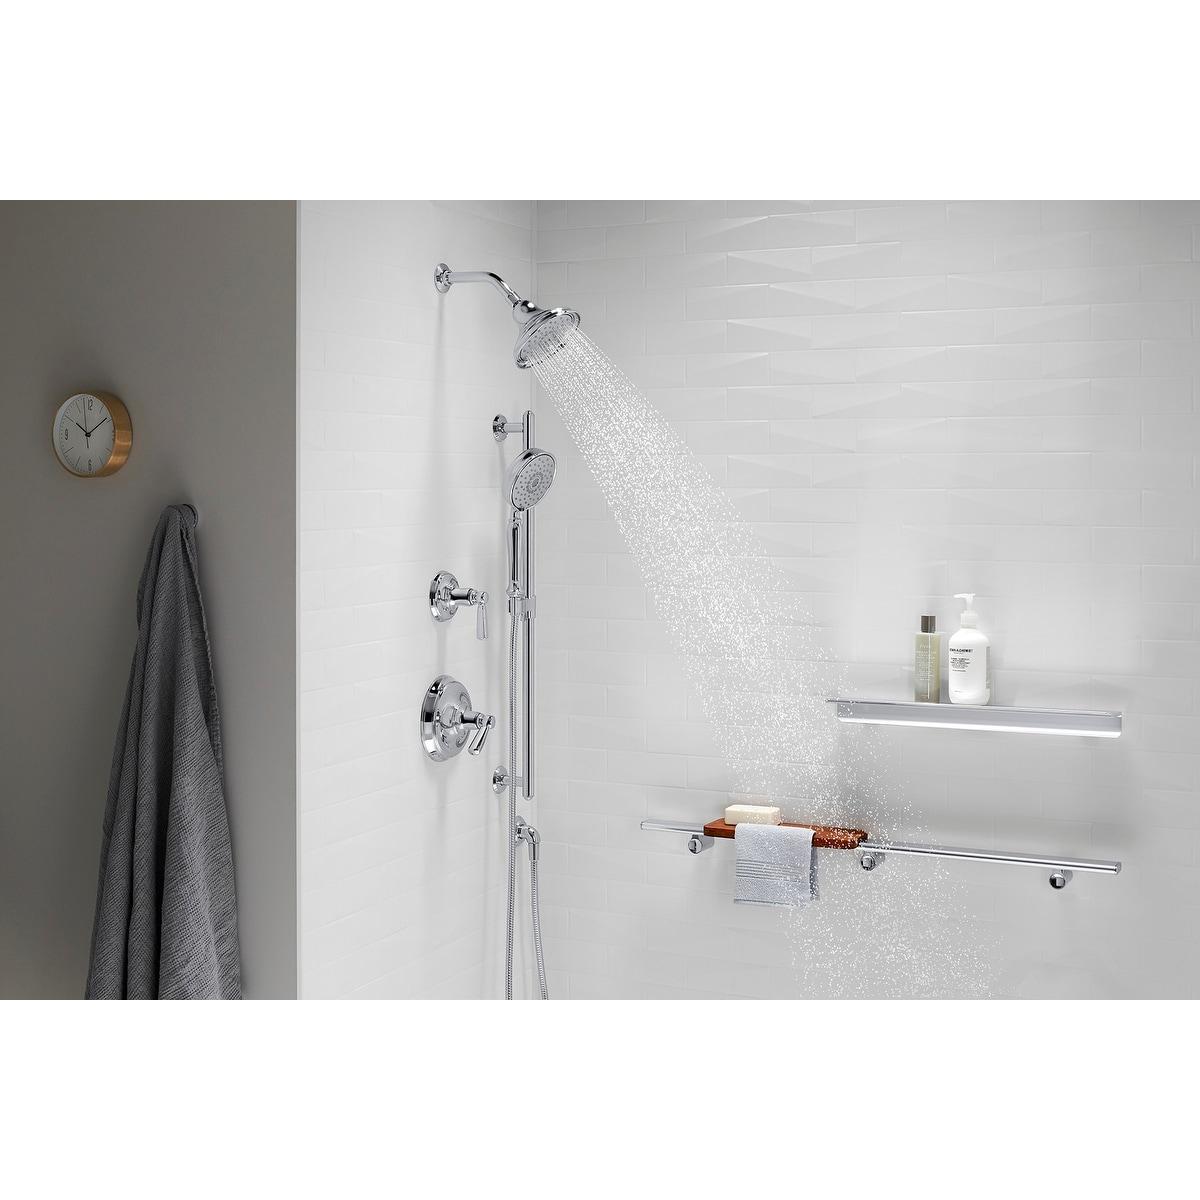 Kohler K 22167 Bancroft 2 5 Gpm Multi Function Shower Head